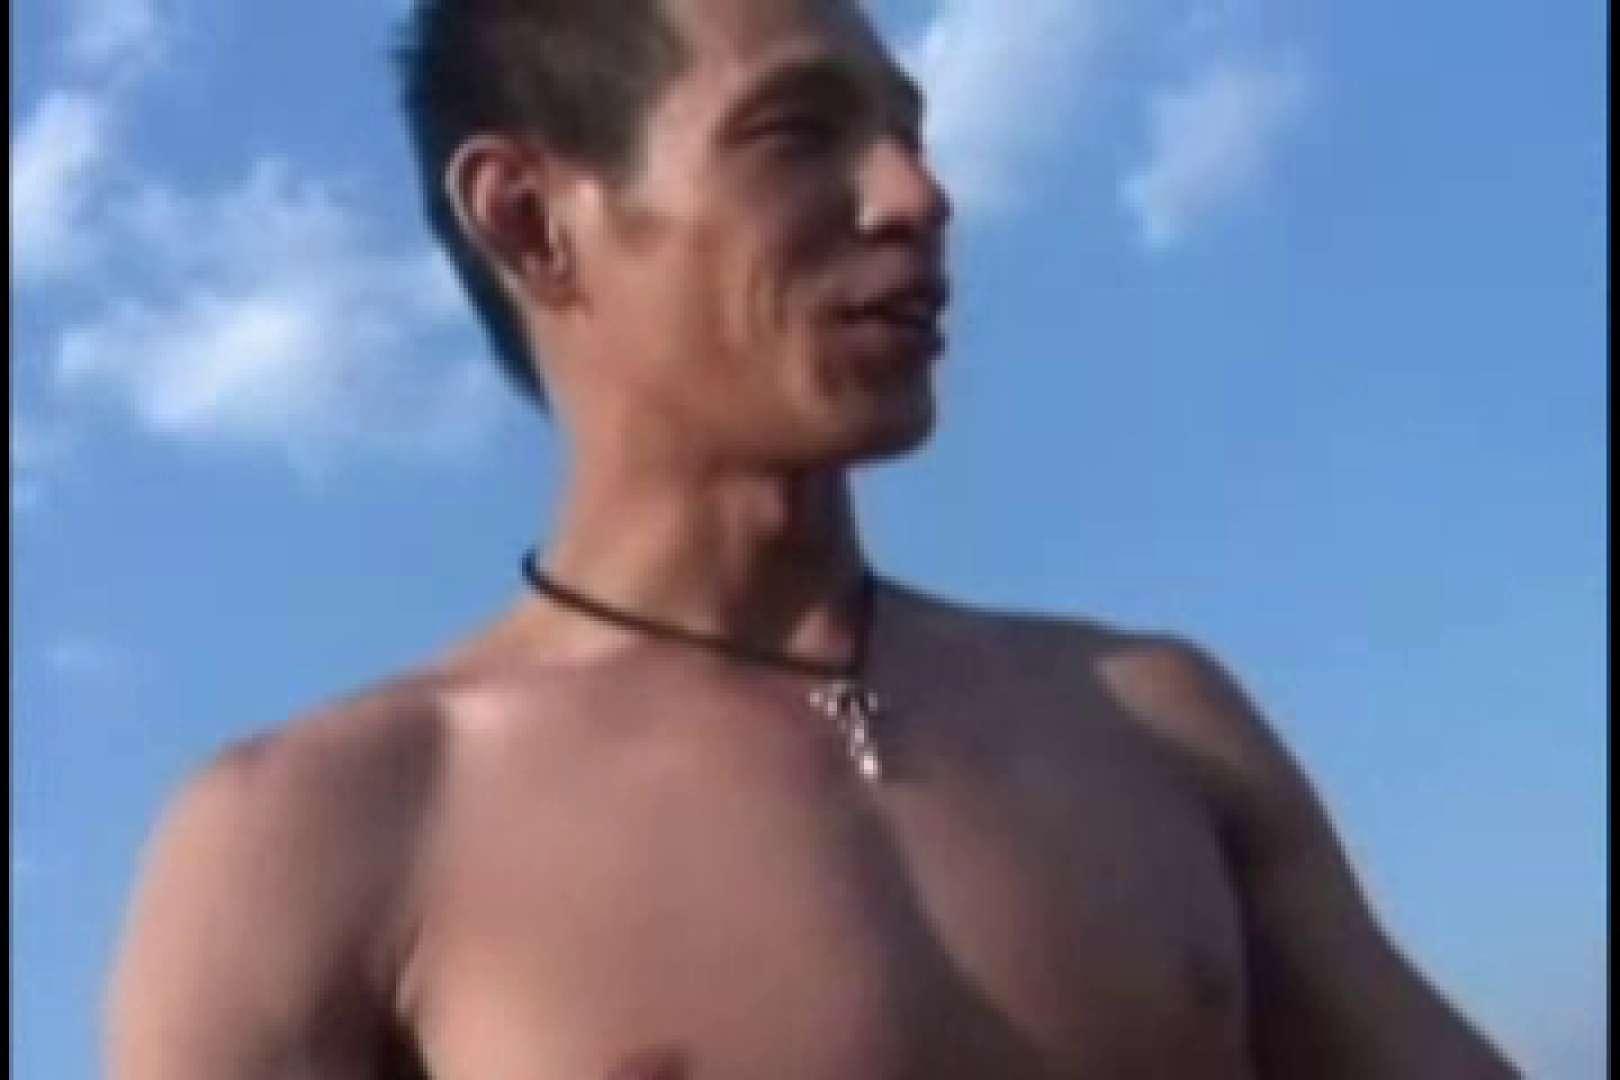 スリ筋!!スポメンのDANKON最高!!take.01 スポーツマン ゲイフリーエロ画像 64枚 21